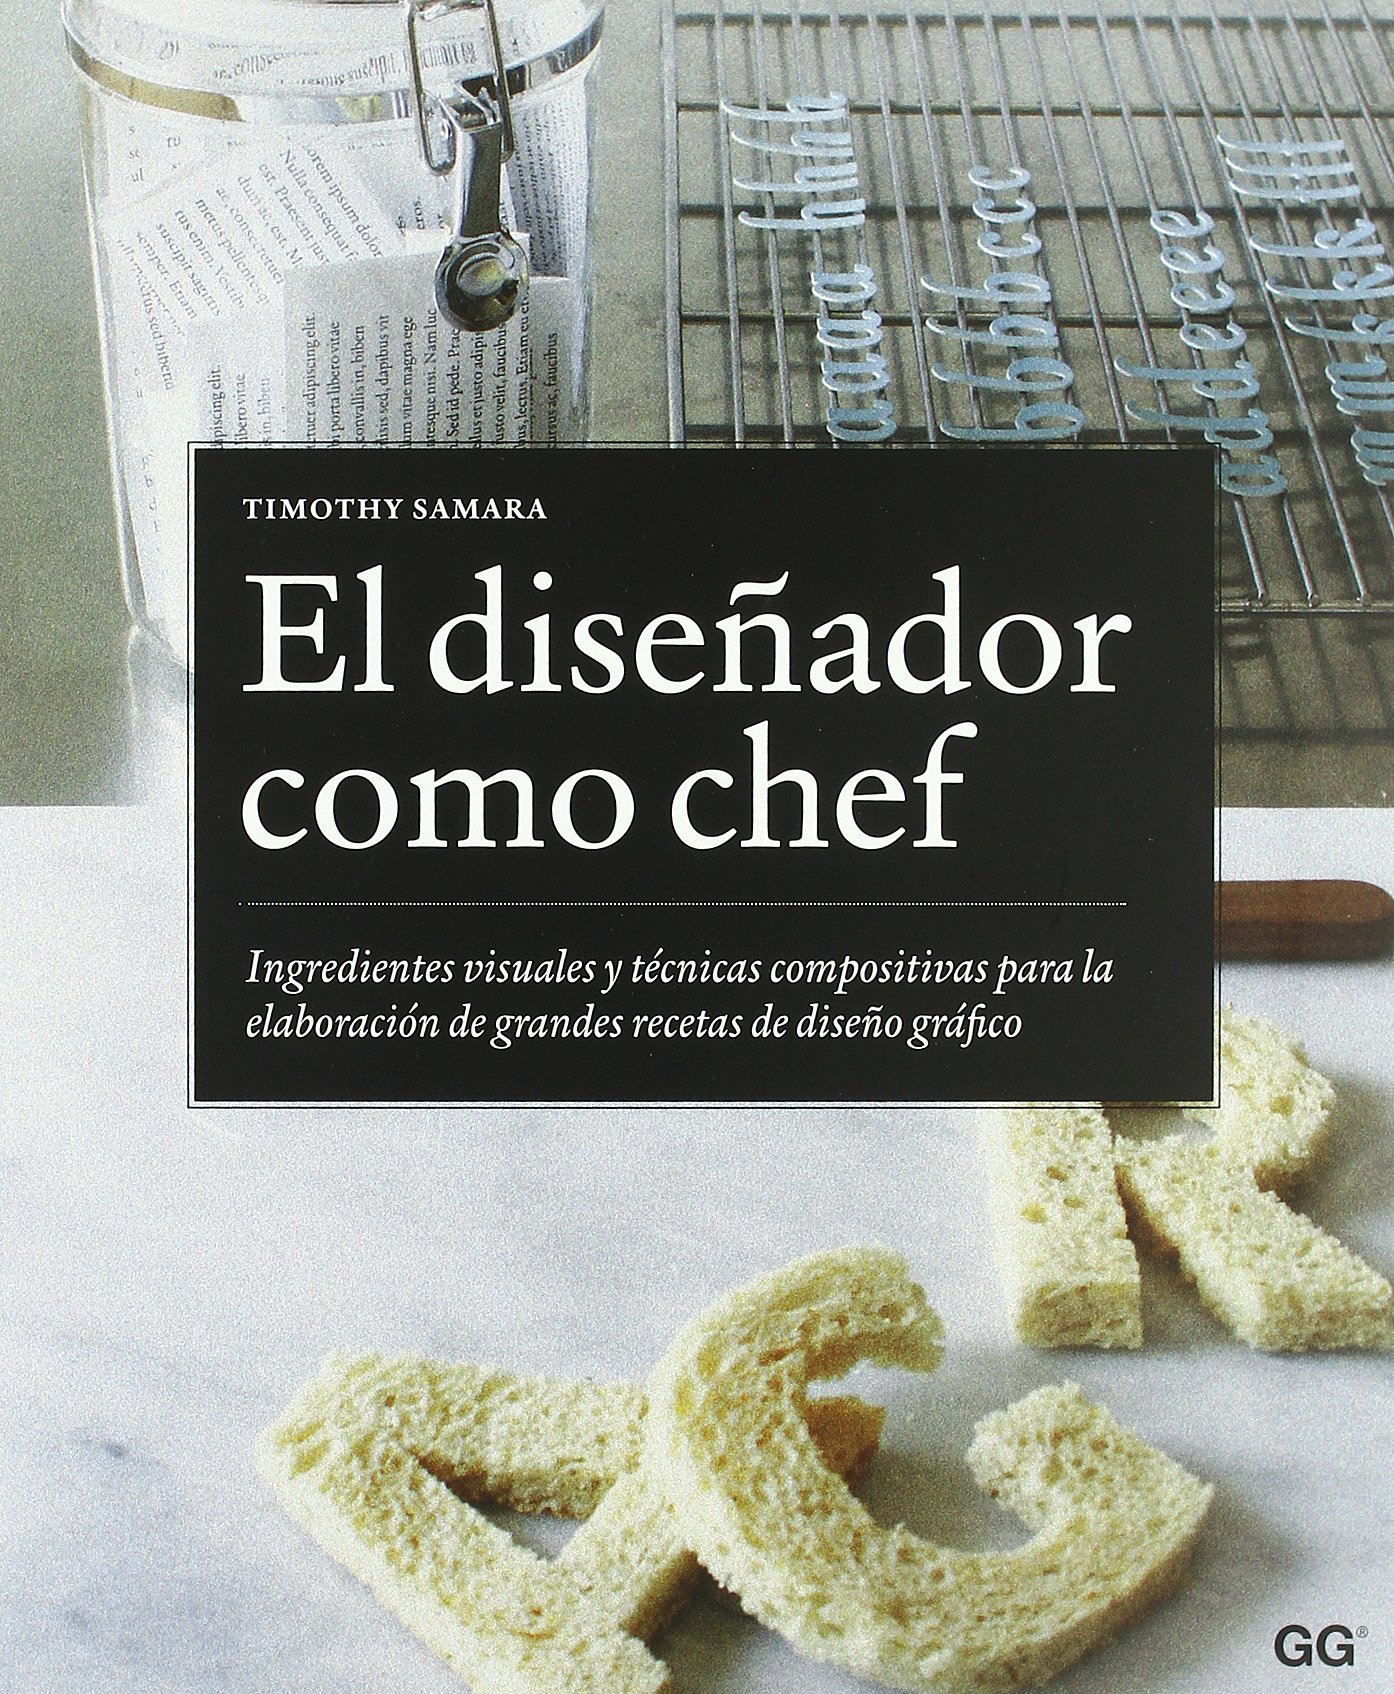 LibroDelDía: El diseñador como chef de Timothy Samara | paredro.com